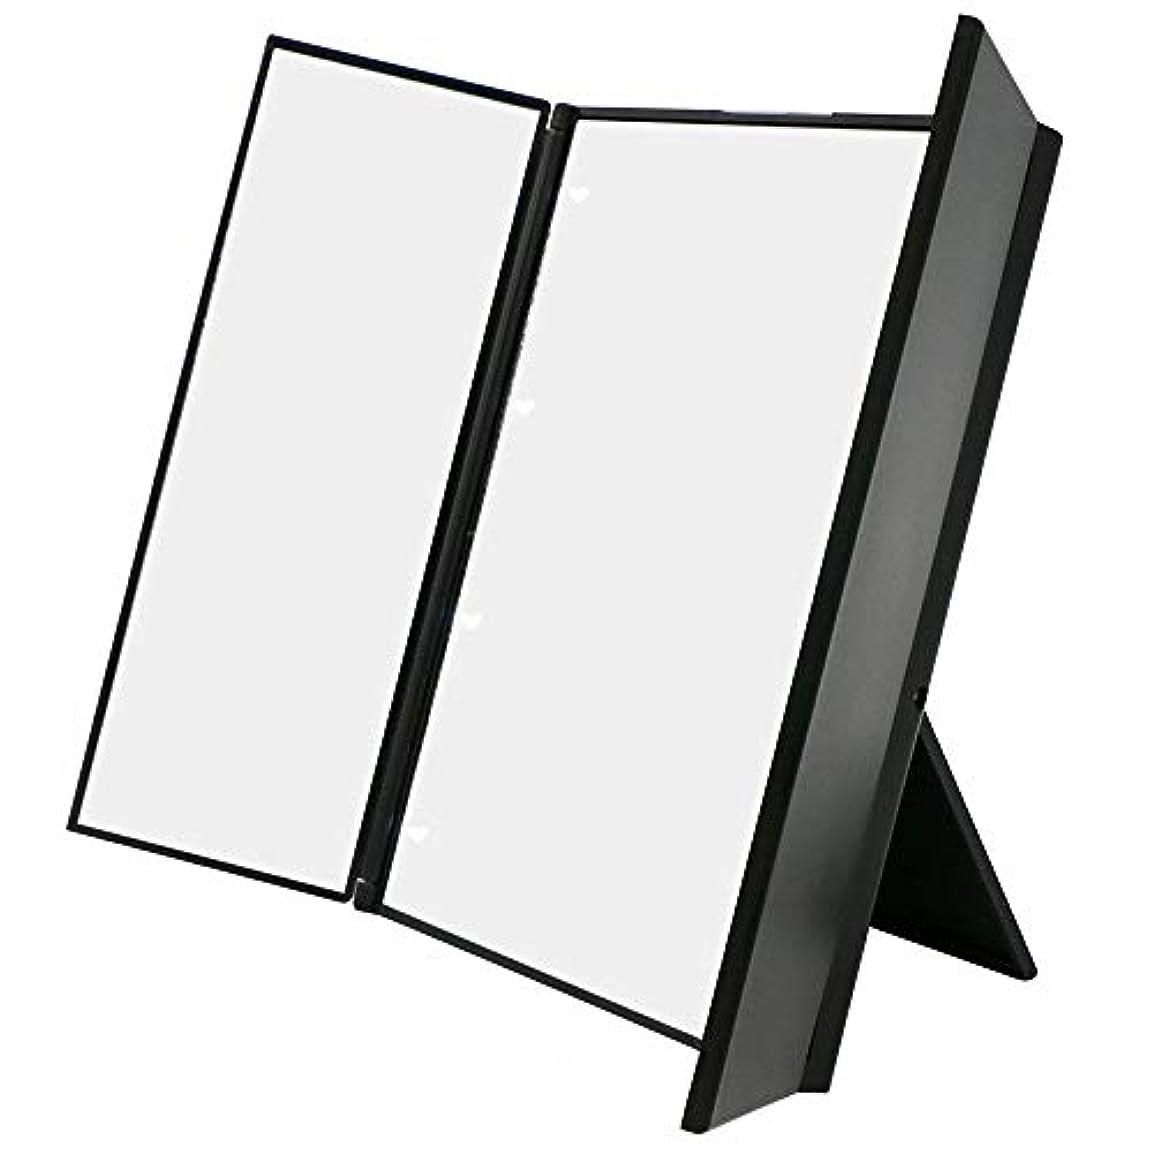 クスクスデコラティブ華氏化粧鏡 卓上ミラー三面鏡 スタンドミラー LED付き 折りたたみ式 角度調整可能